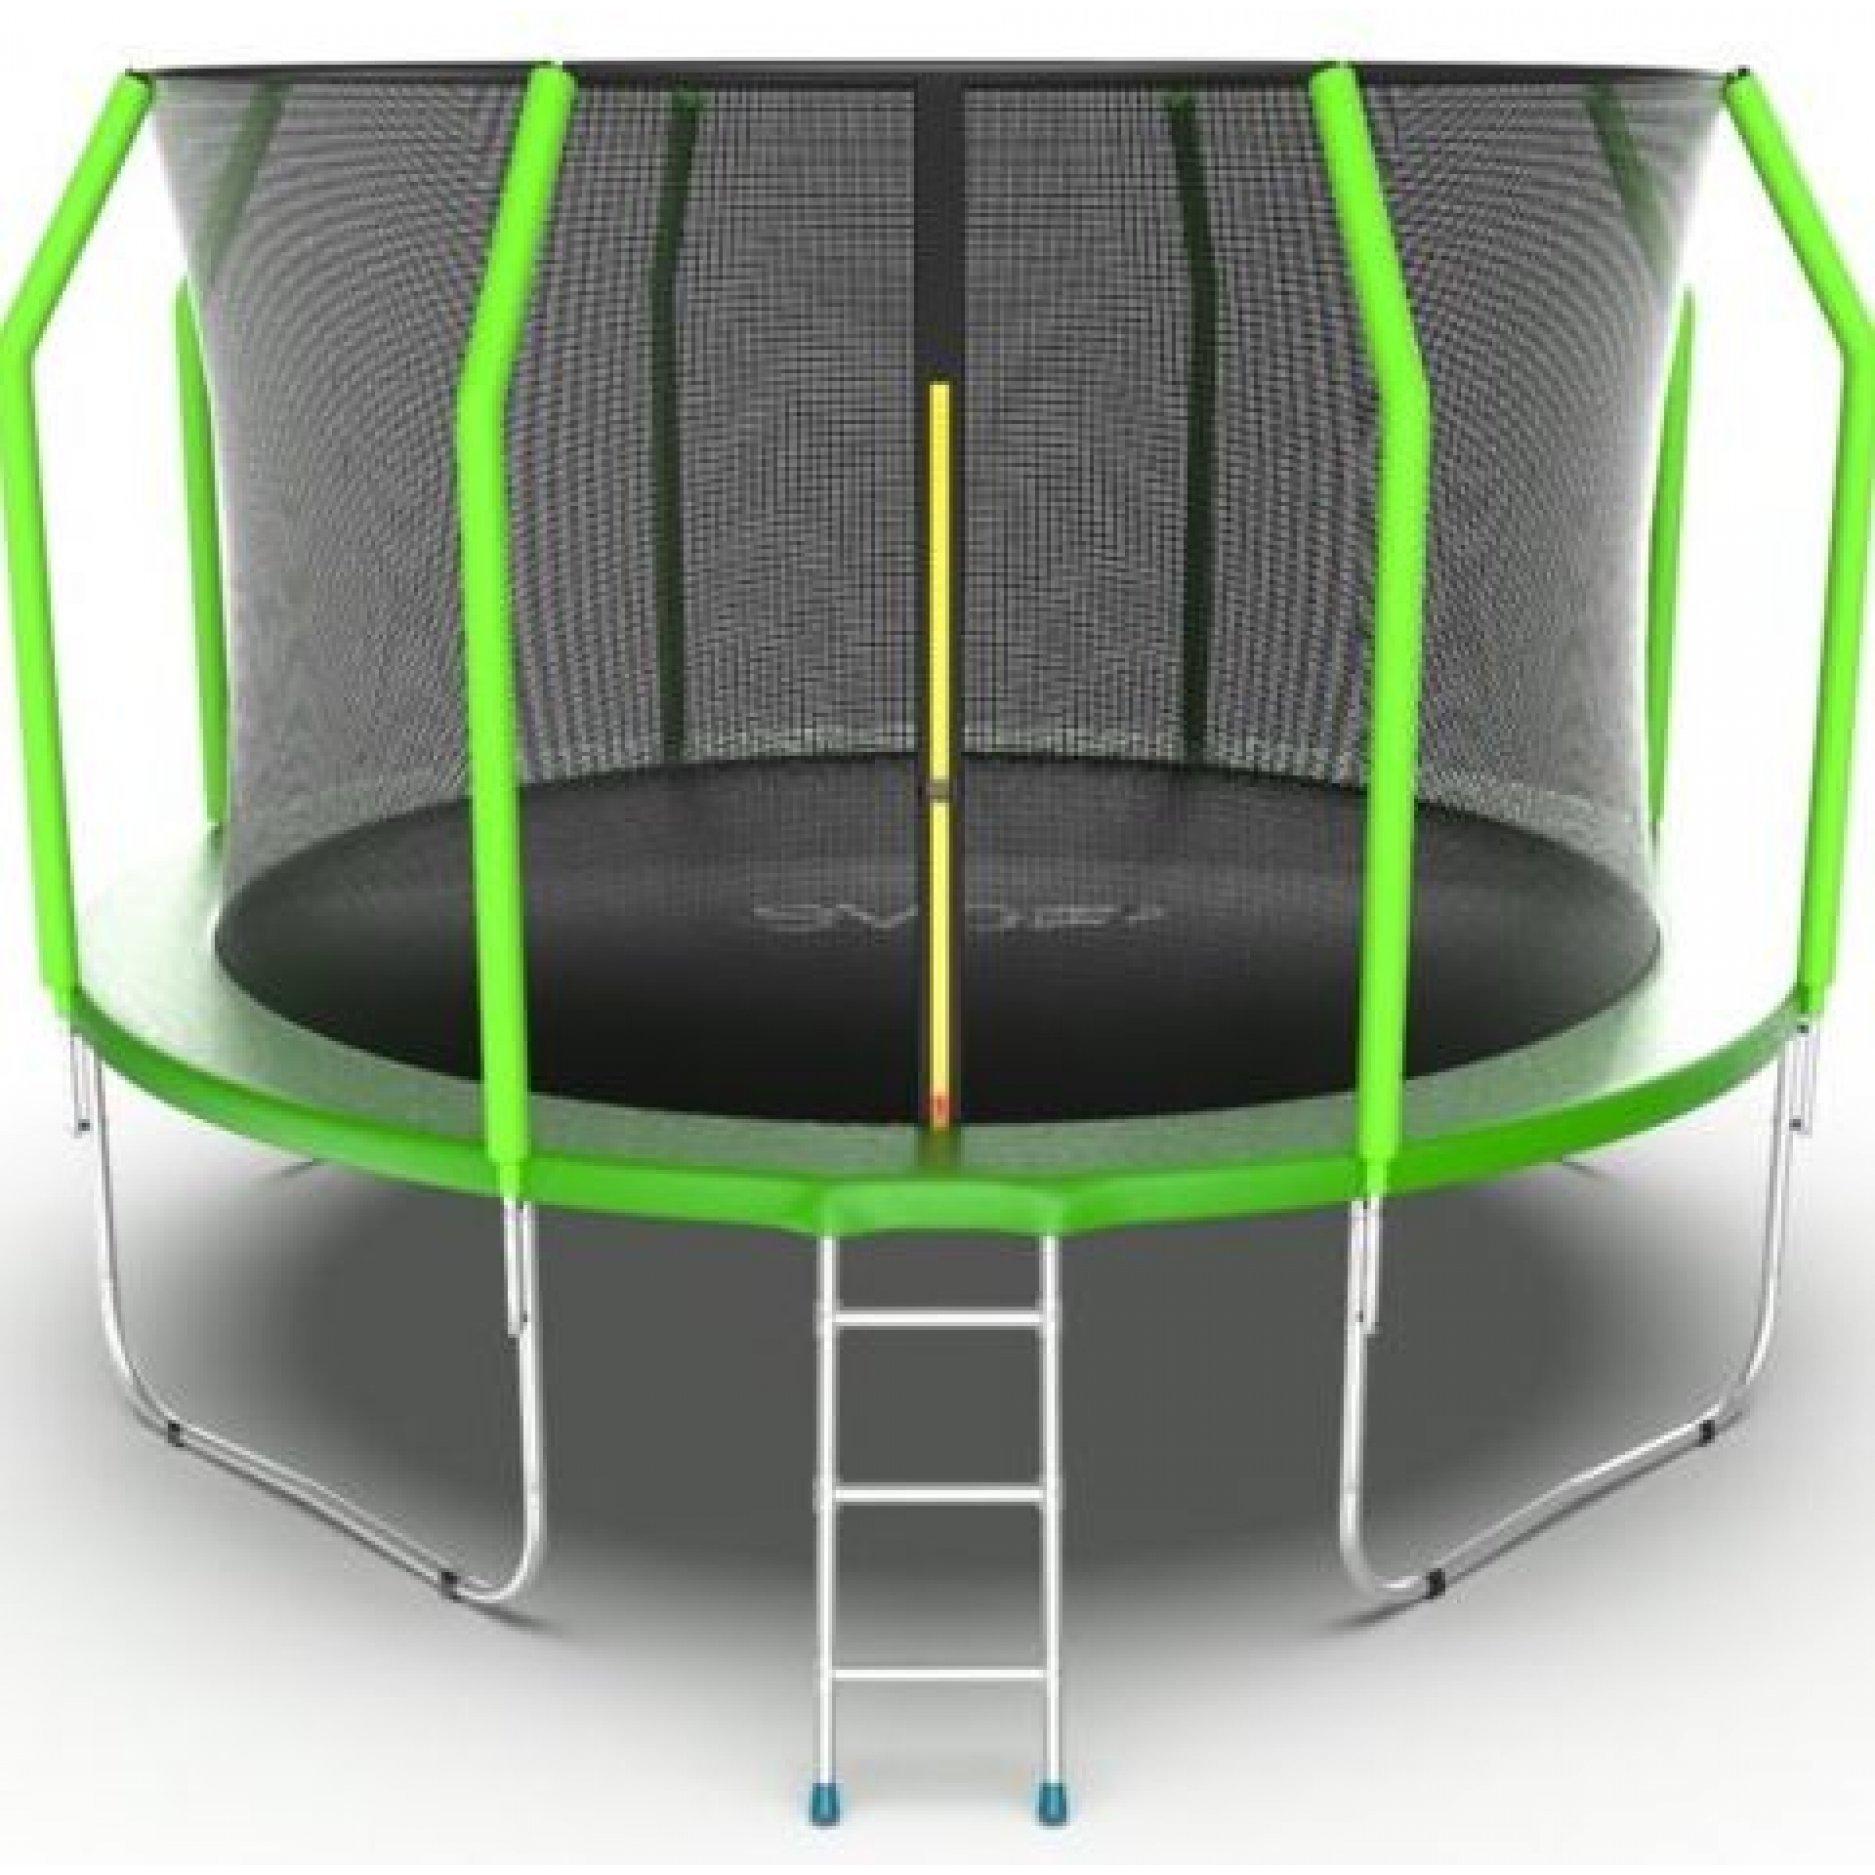 Батут EVO Jump Cosmo 12ft (Green) + Lower net. с внутренней сеткой и лестницей + нижняя сеть